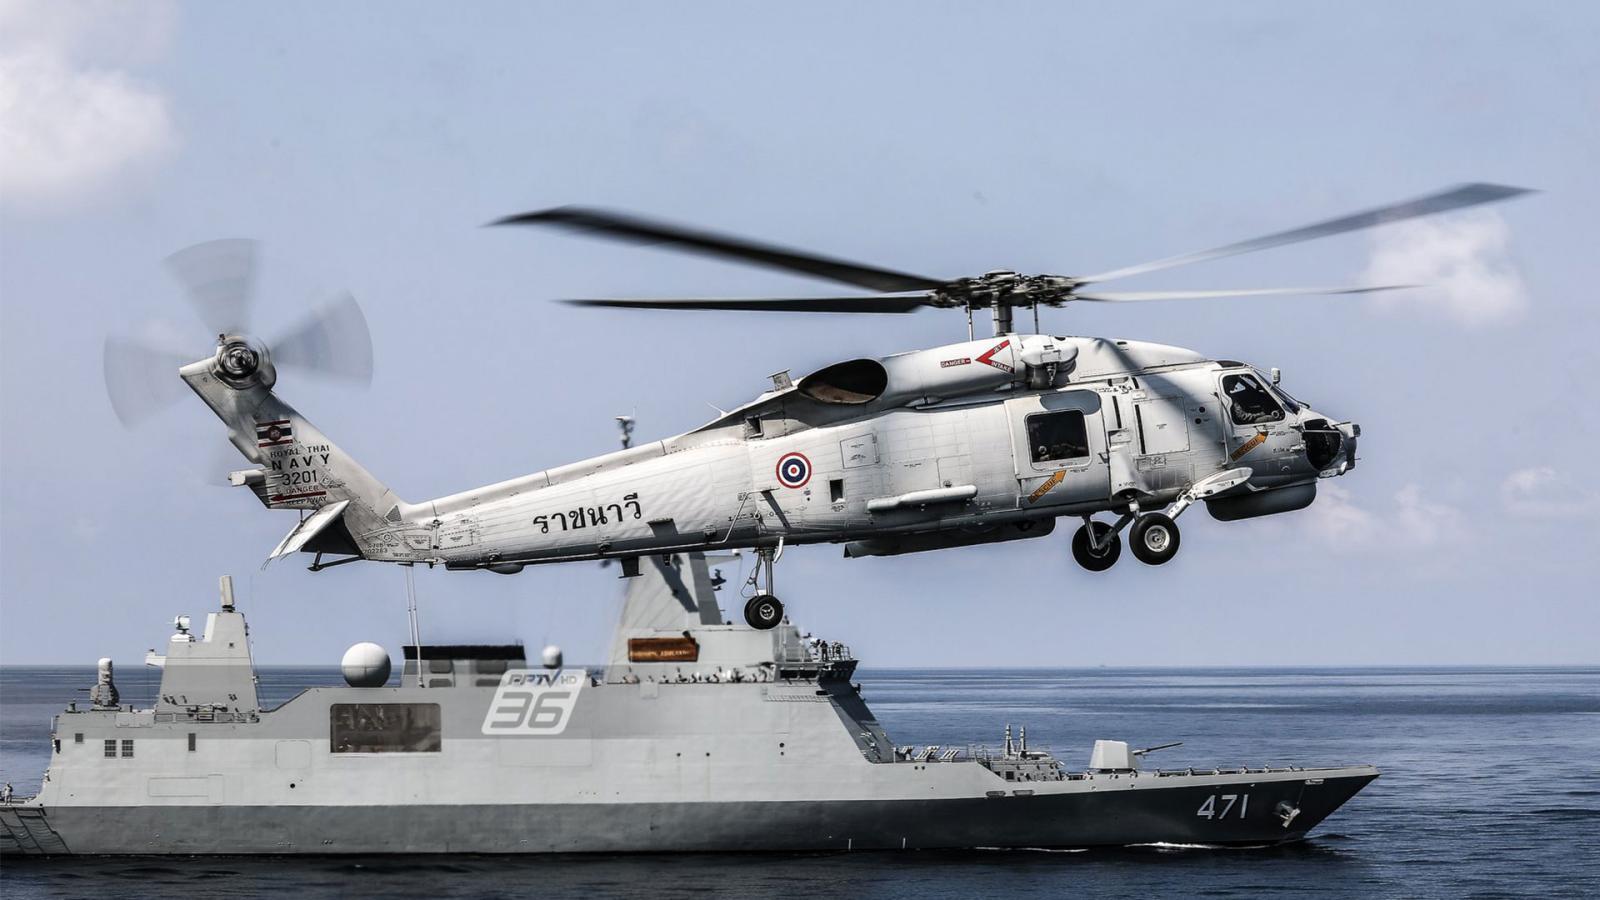 เปิดปฏิบัติการฝึกกองเรือ เตรียม รับมือสถานการณ์ฉุกเฉิน-ภัยพิบัติ